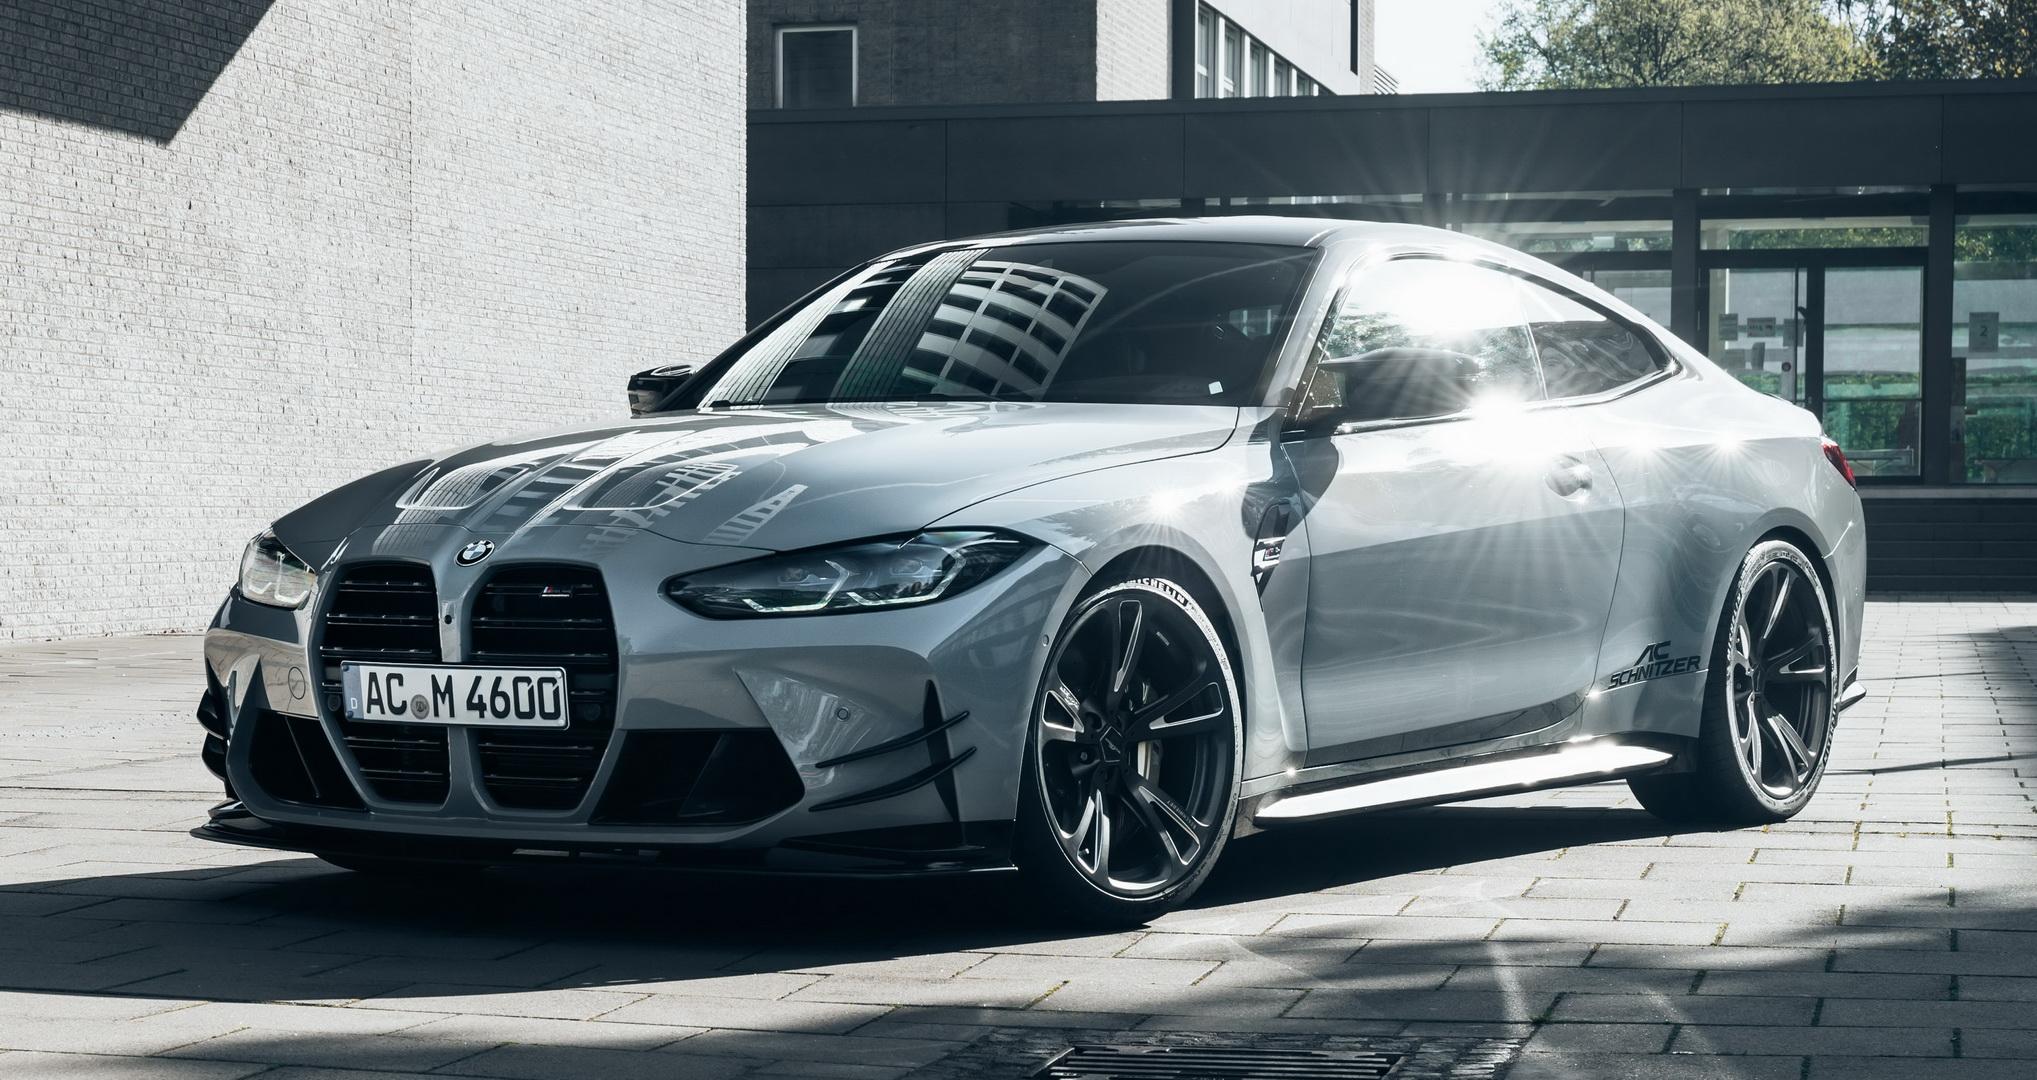 Отныне всем владельцам купе BMW M4 2021 модельного года предлагается улучшить его внешность установкой широкого ассортимента кузовных деталей и салонных аксессуаров от AC Schnitzer.